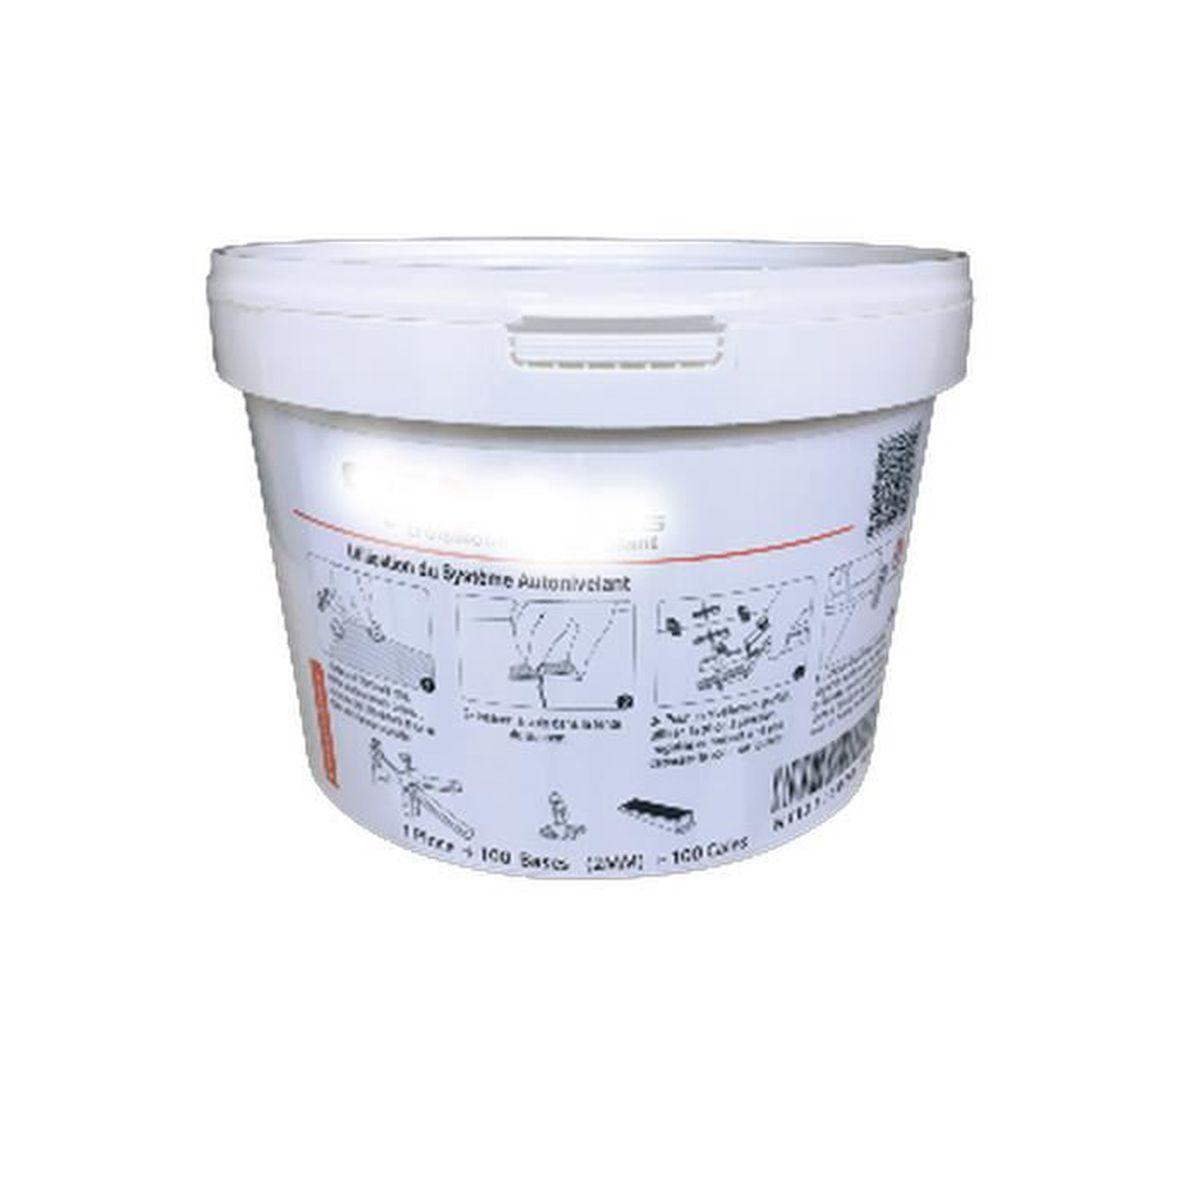 Professionnel-CARREAUX-Kit de réparation pour carrelage de grès céramique plastique-NEUF